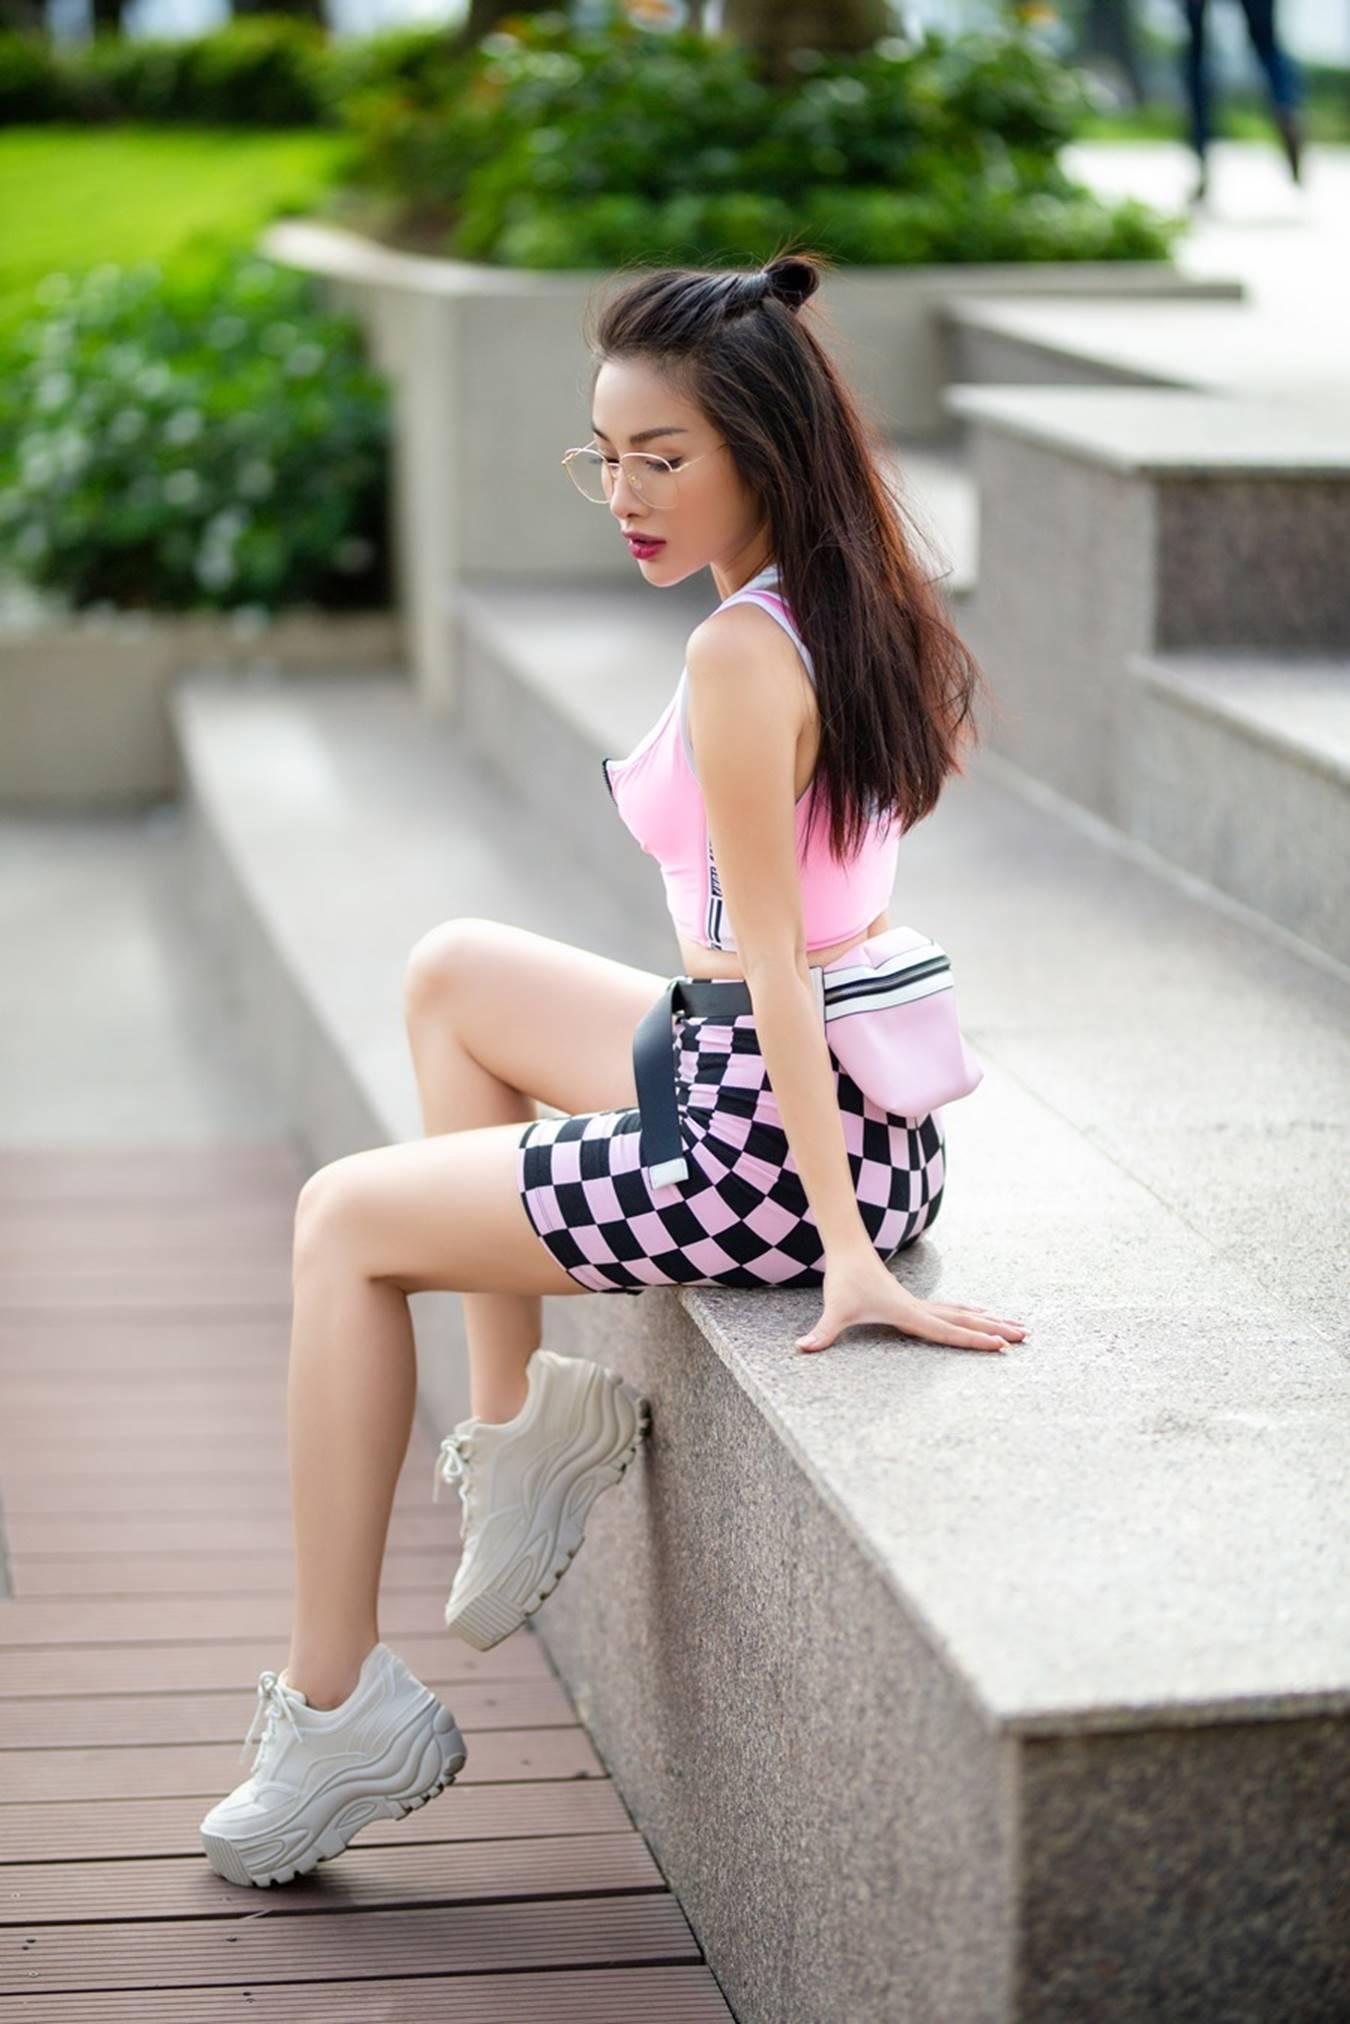 Yaya Trương Nhi dùng khăn thay áo, sexy dạo phố-8